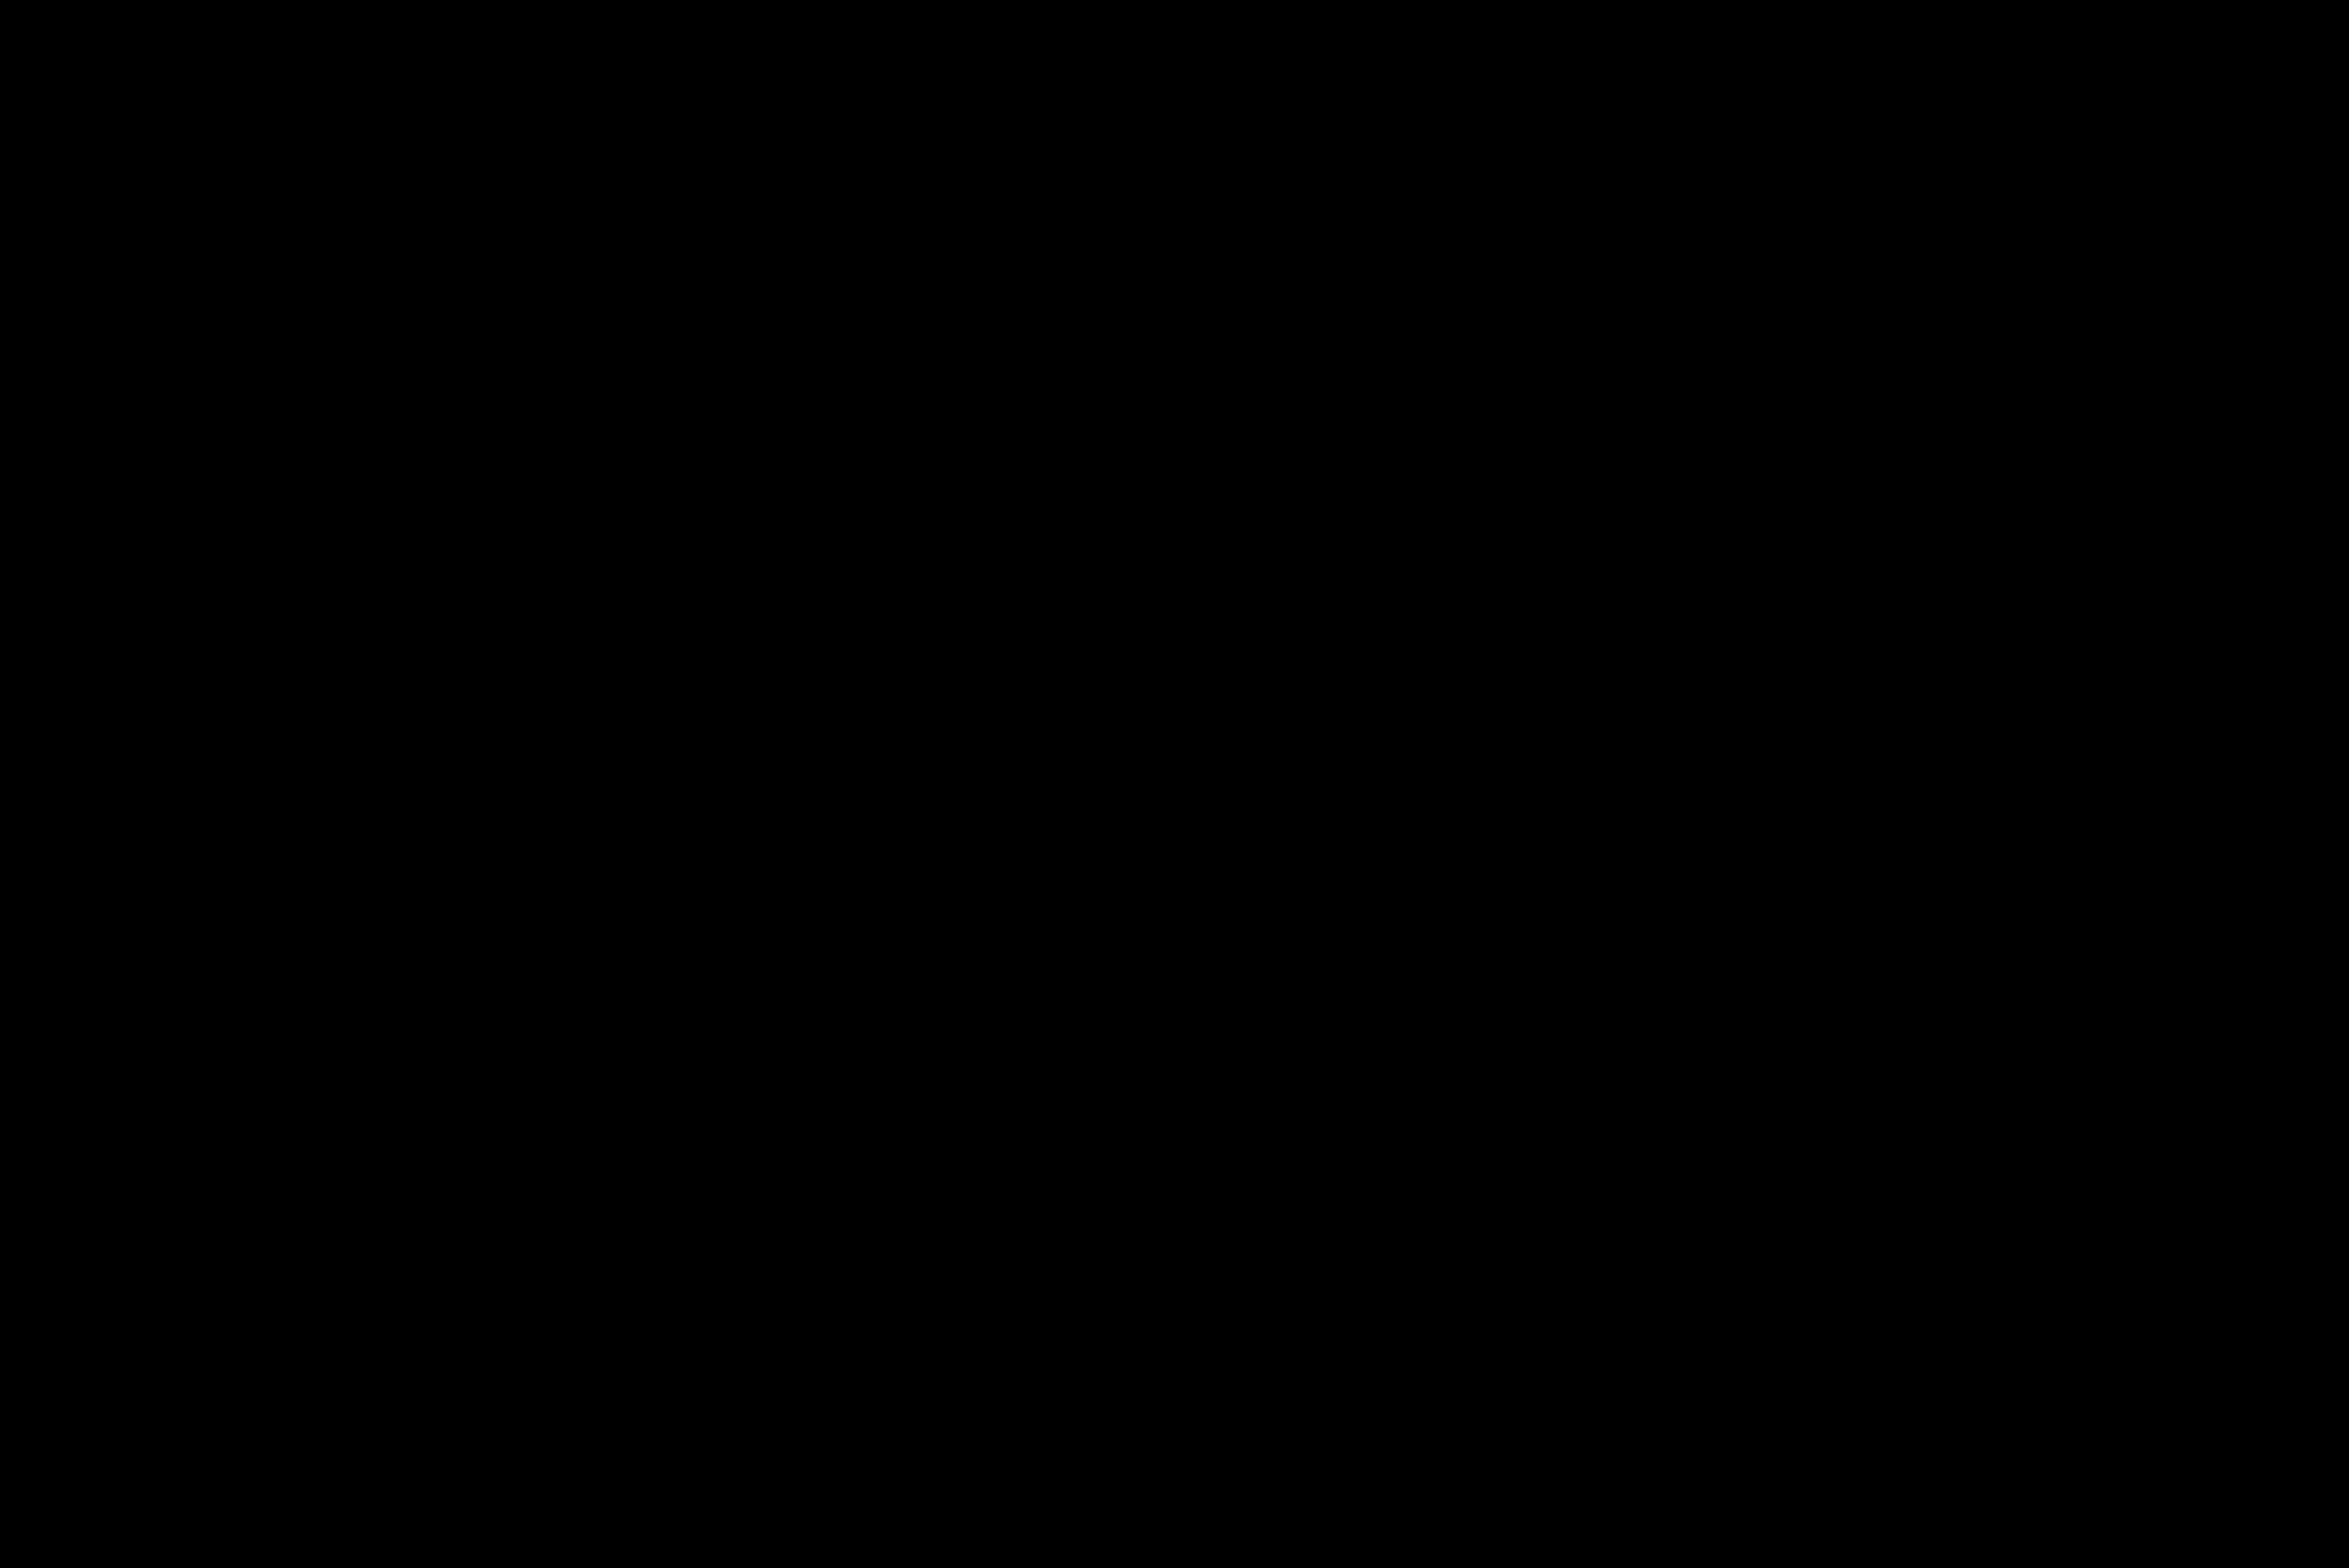 Alle genomineerden, de jury en vijfde van links winnaar Suzanne Aardenburg. Links Jan Ferwerda, coördinator ondernemerschap van het Horizon College. (foto Rob Duin)